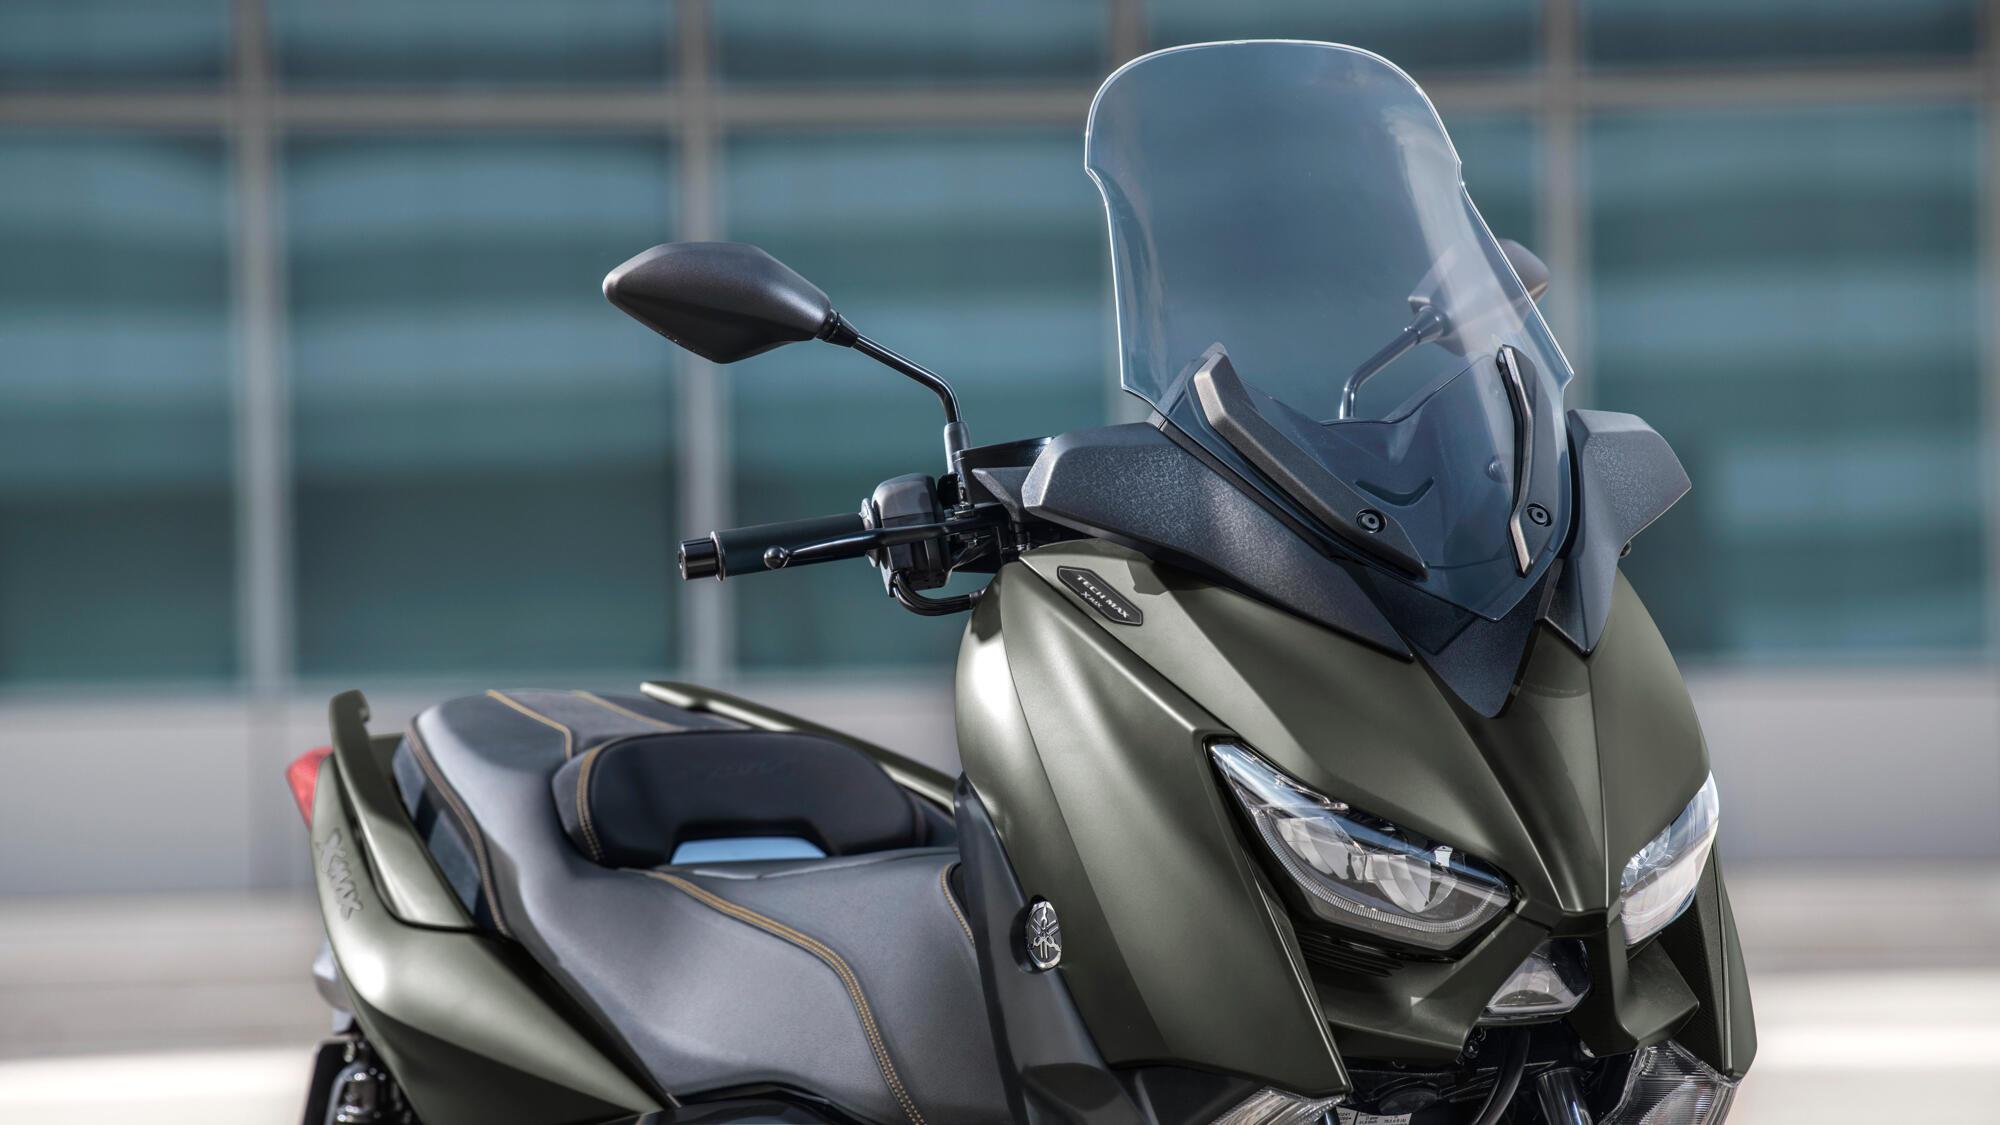 Xmax 400 Tech Max Características Y Especificaciones Técnicas Yamaha Motor